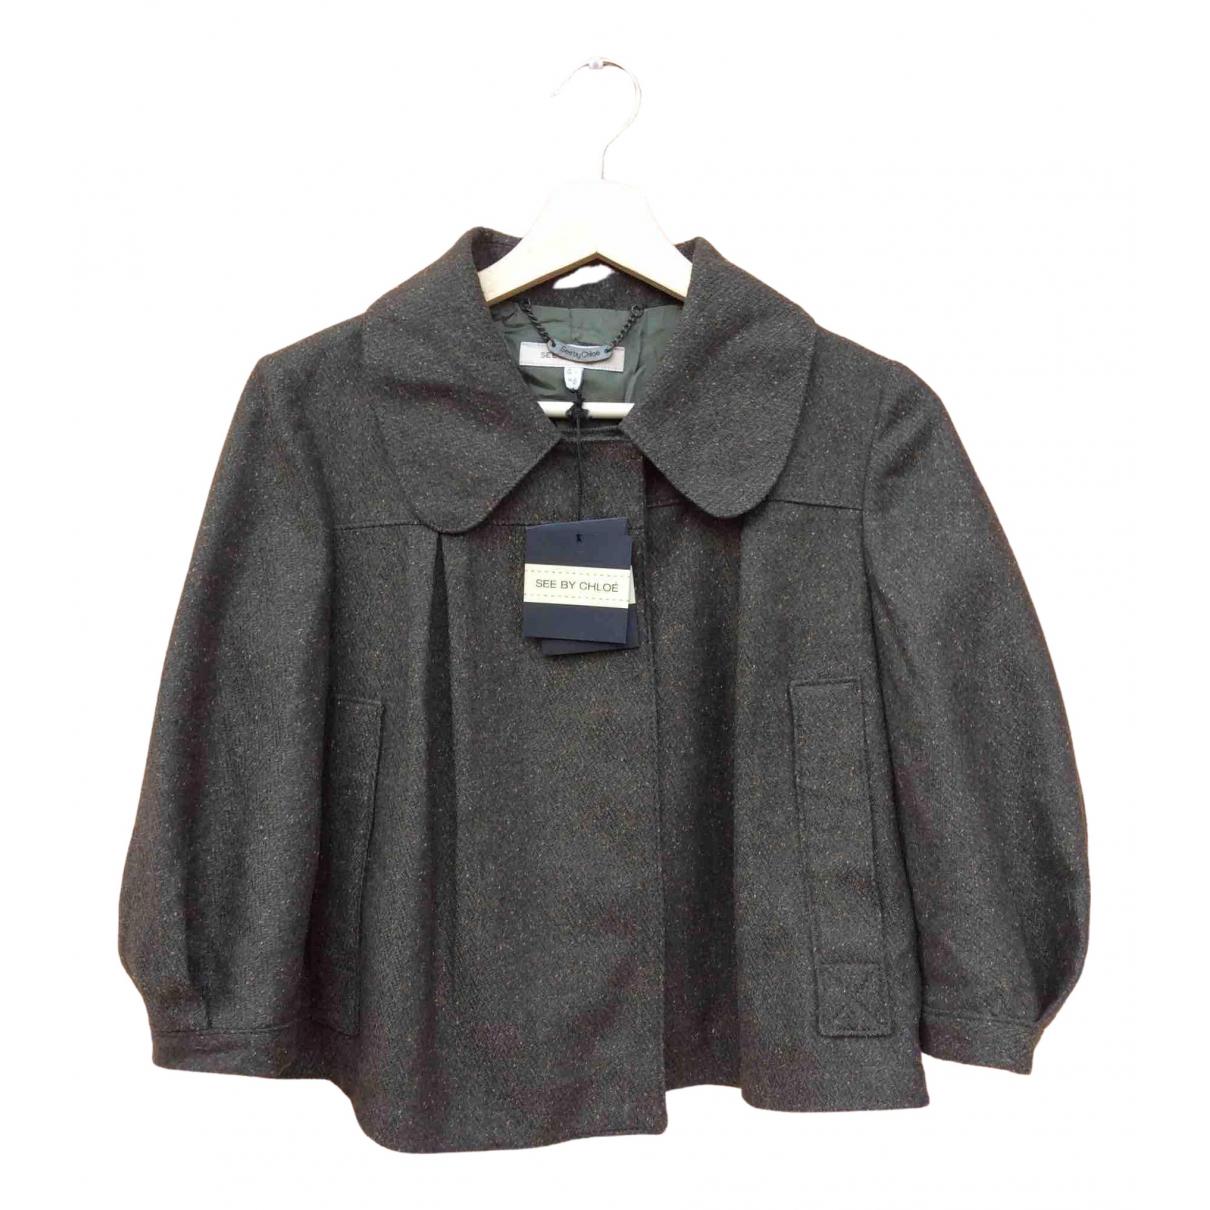 See By Chloe - Blouson   pour femme en laine - vert